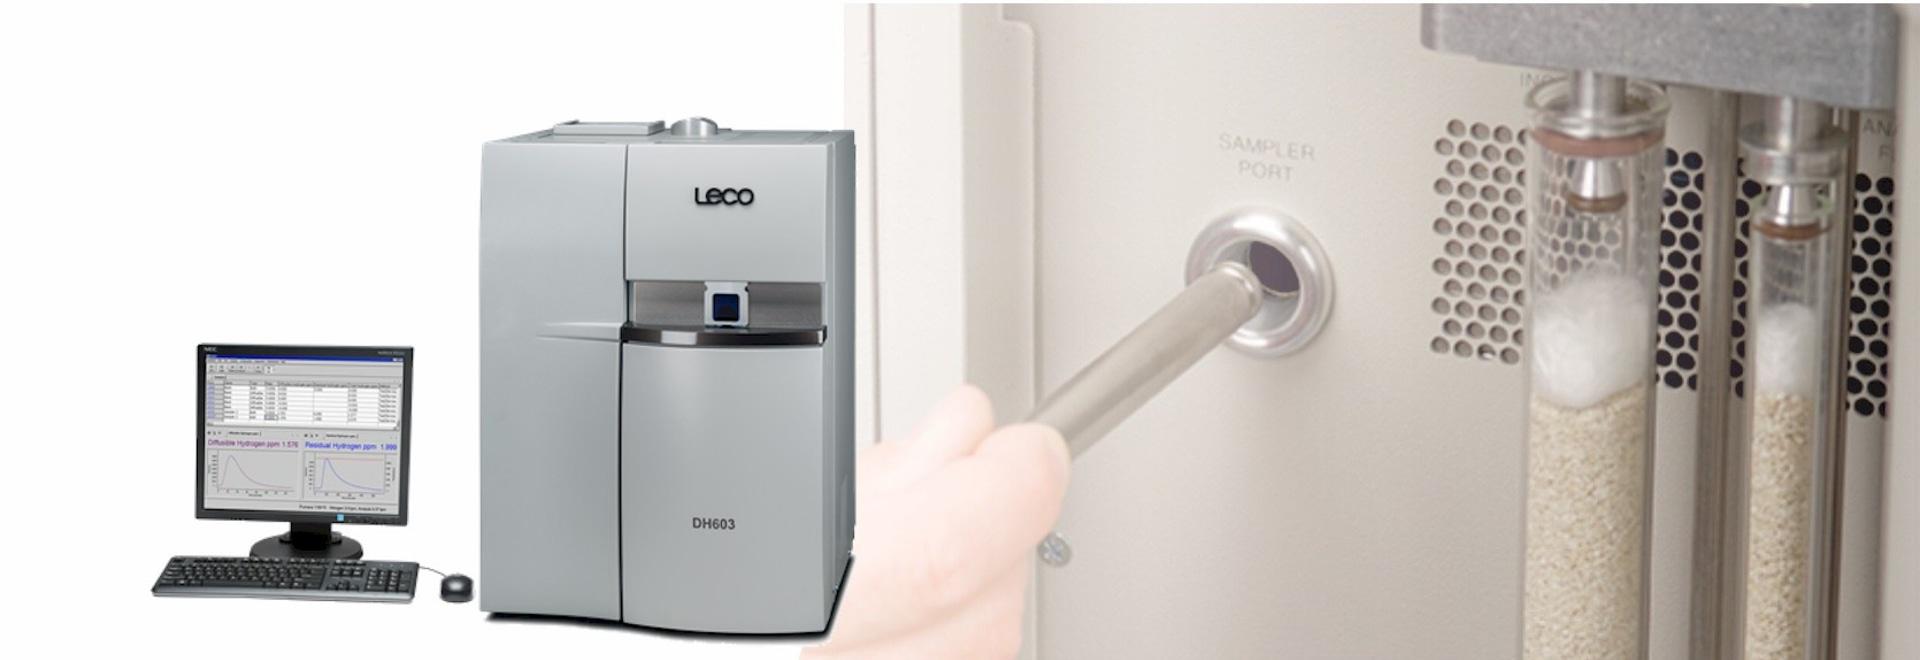 Wasserstoff-Analysator LECO DH603